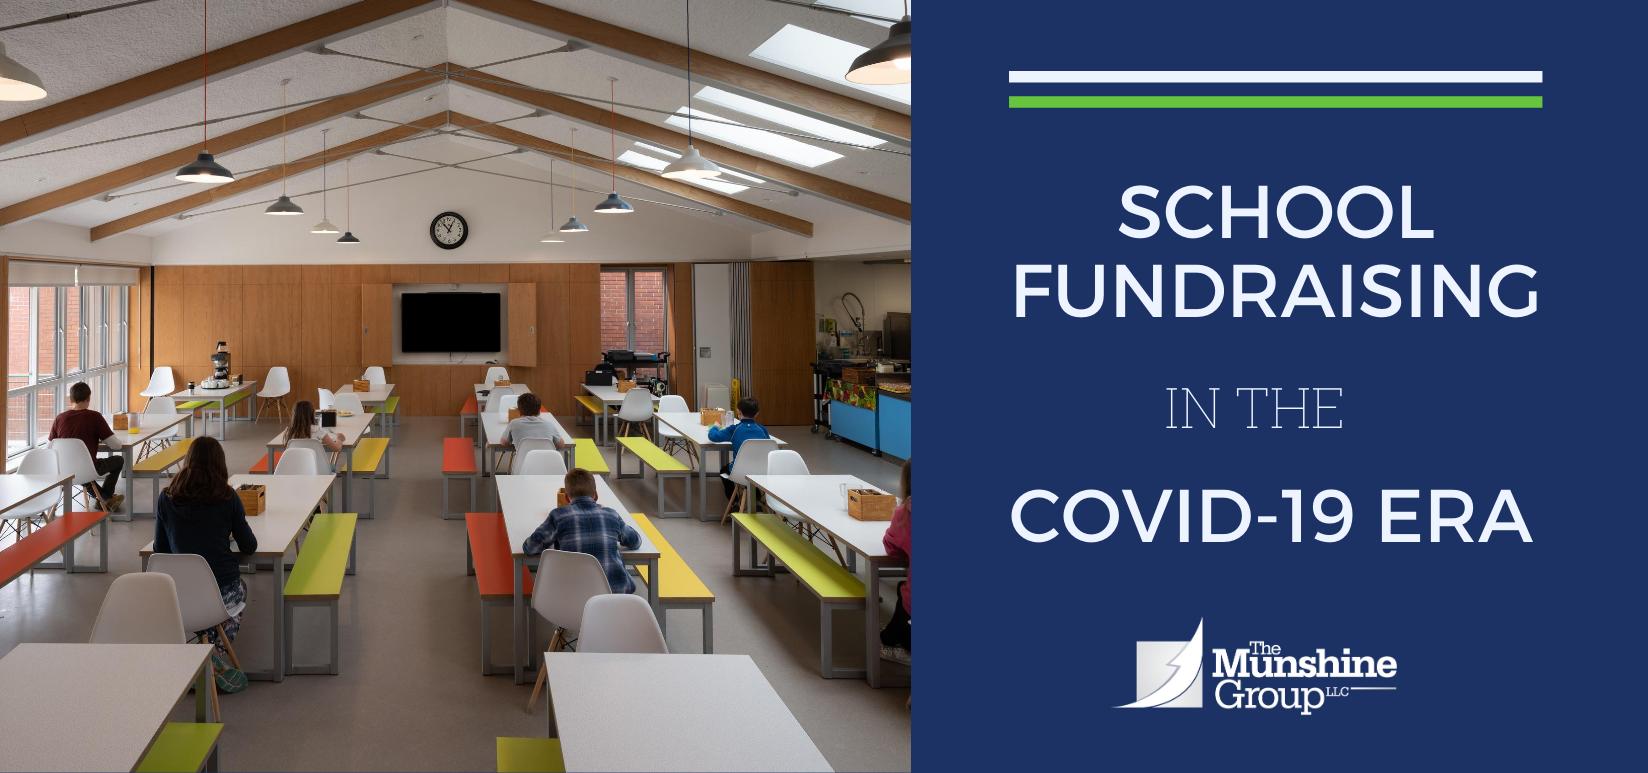 School Fundraising in the COVID-19 Era